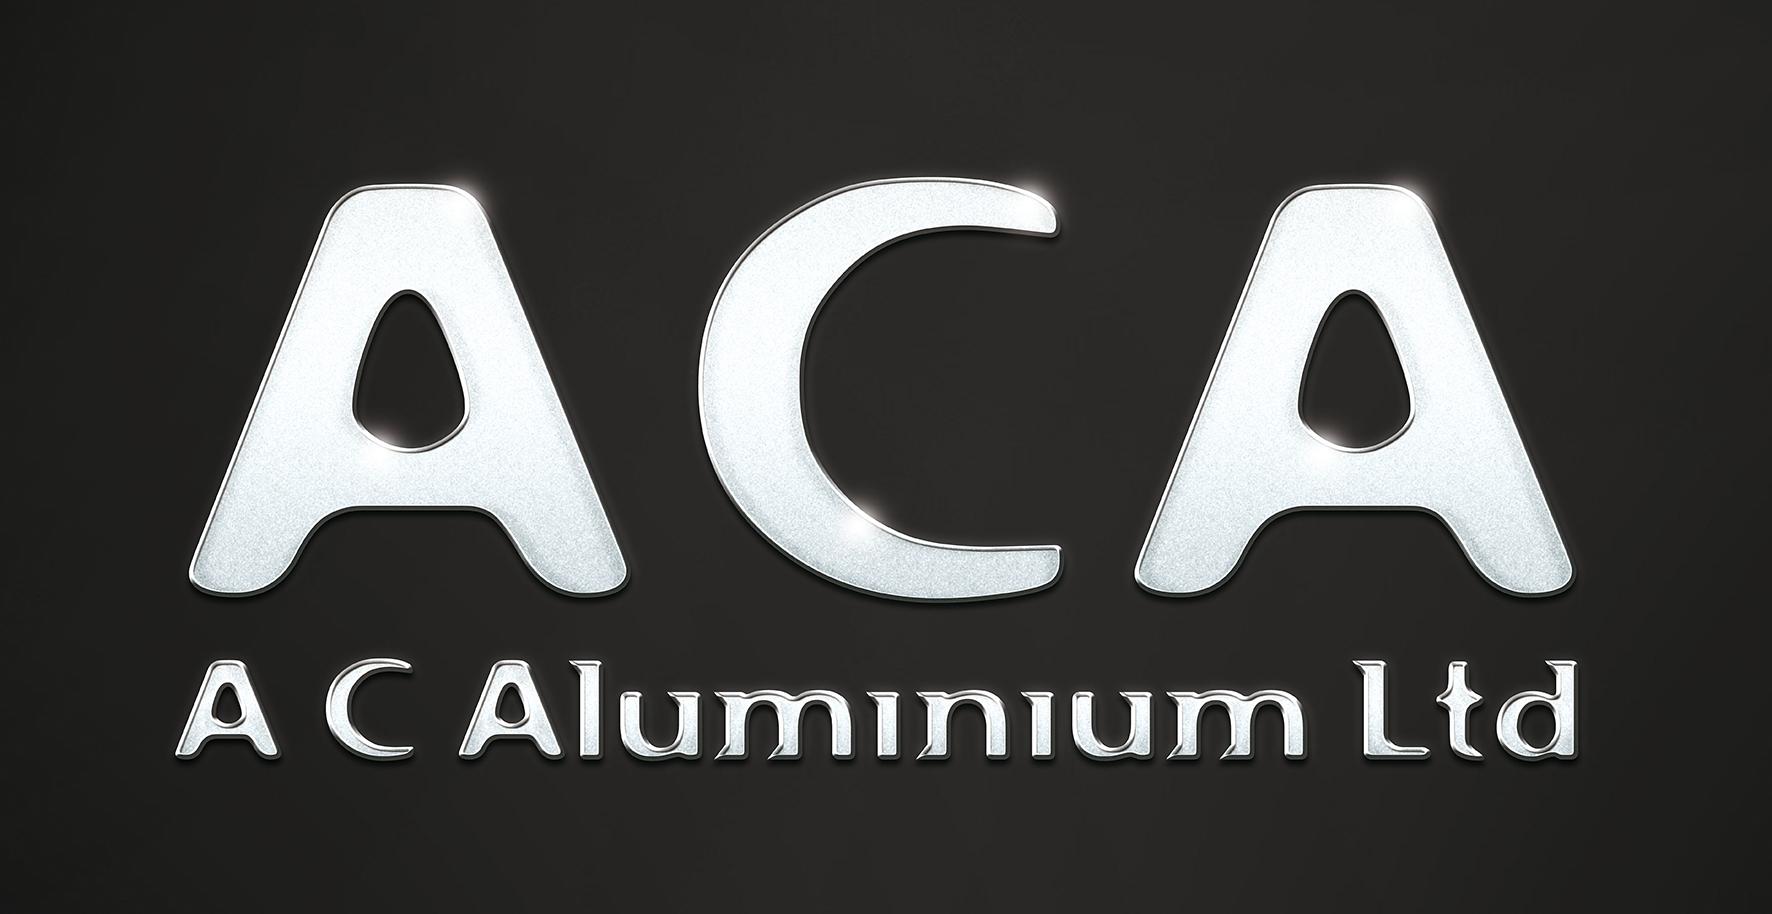 AC Aluminium